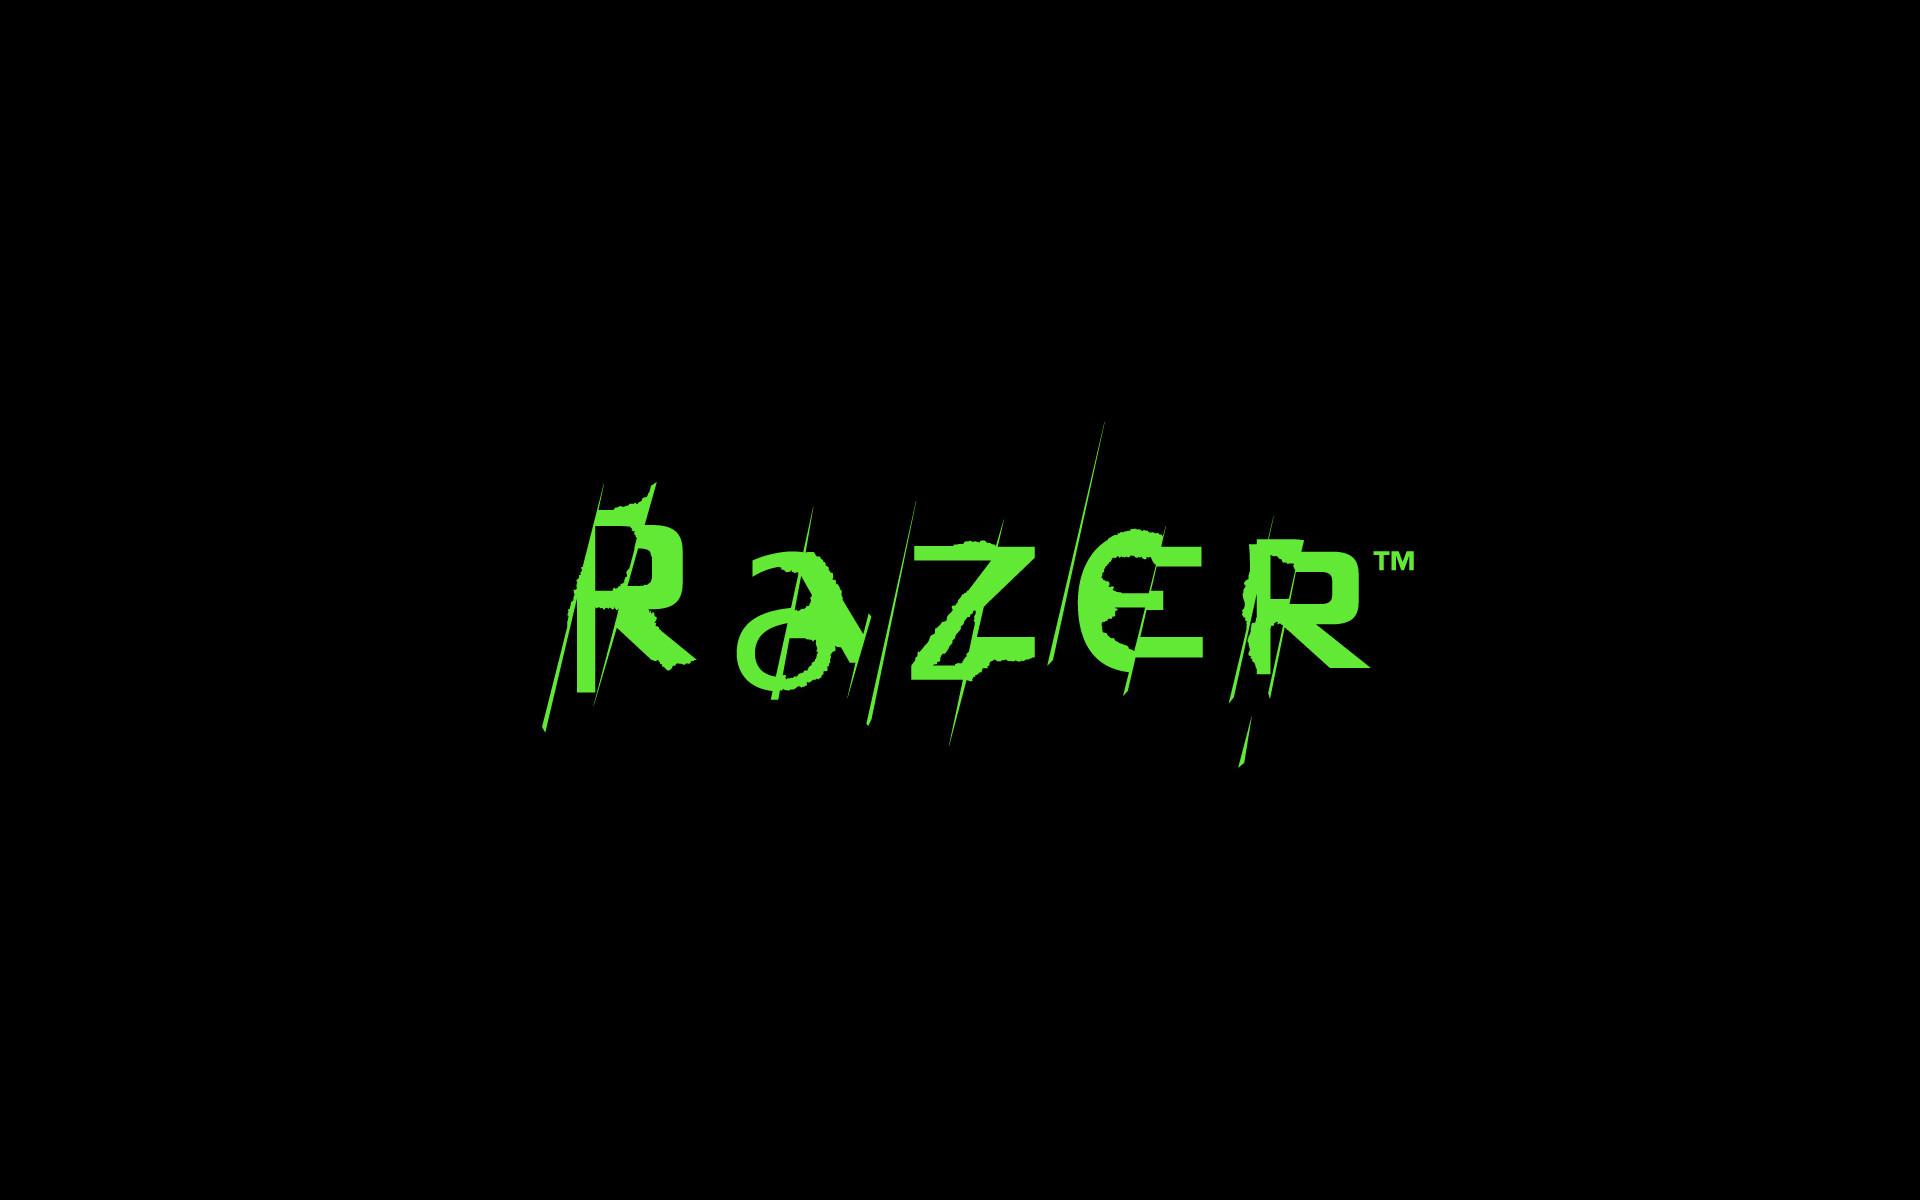 <b>Razer Wallpaper</b> 167874 Perfect 900X480 <b>Wallpaper